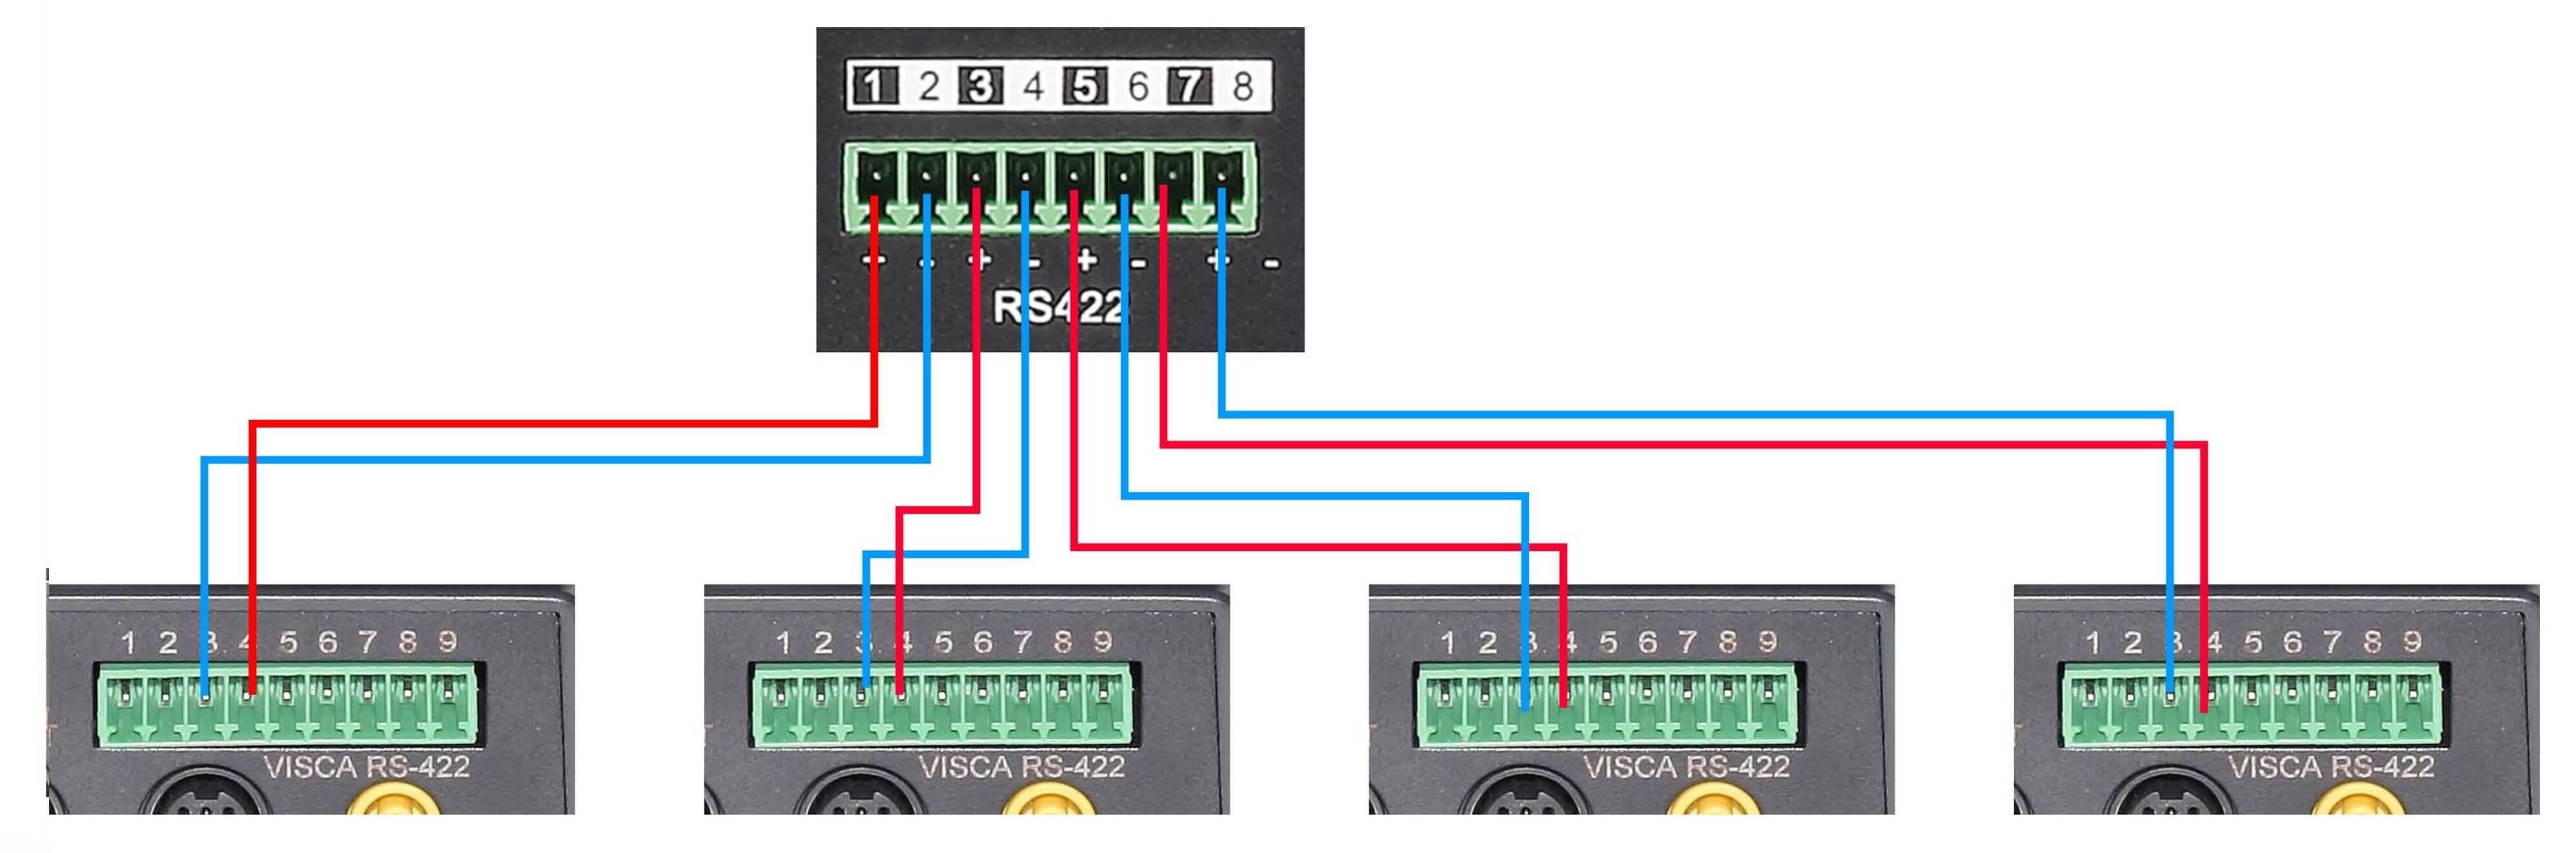 Блок схема функции контроля